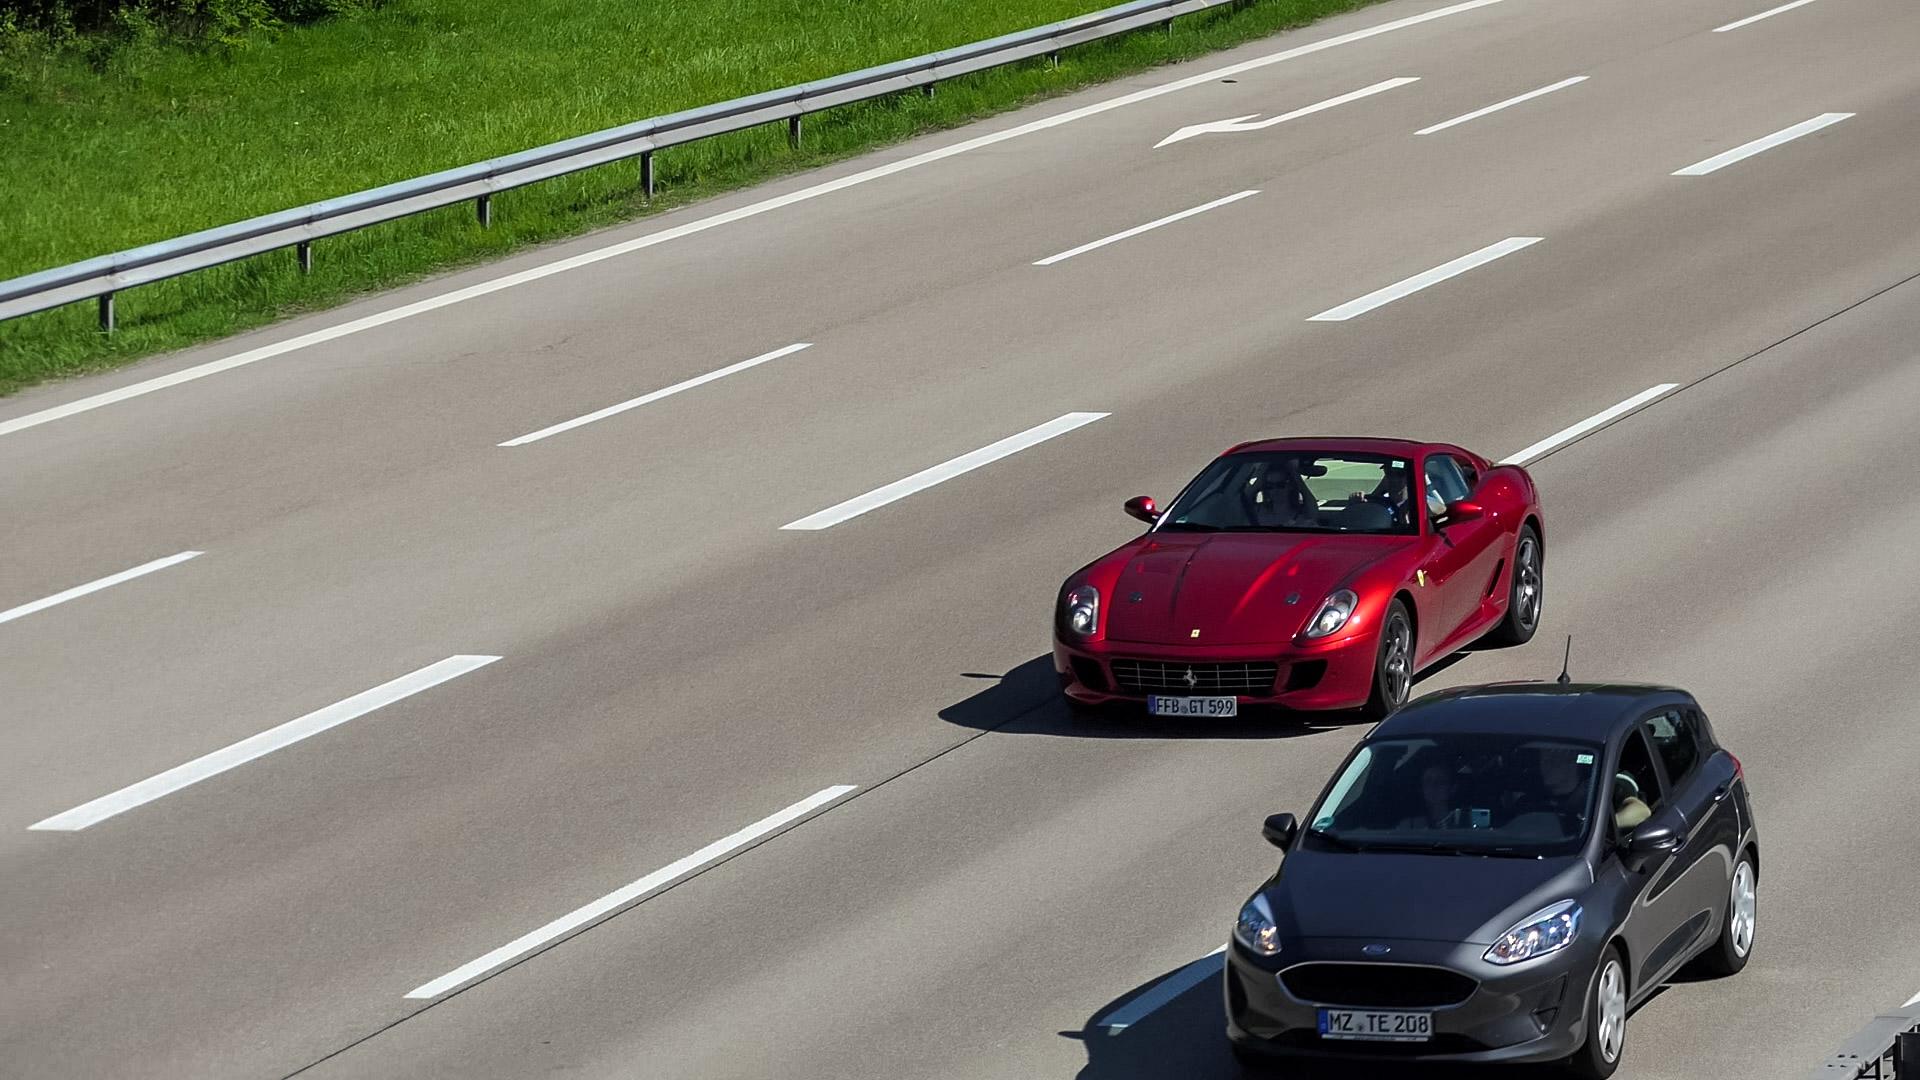 Ferrari 599 GTB - FFB-GT-599